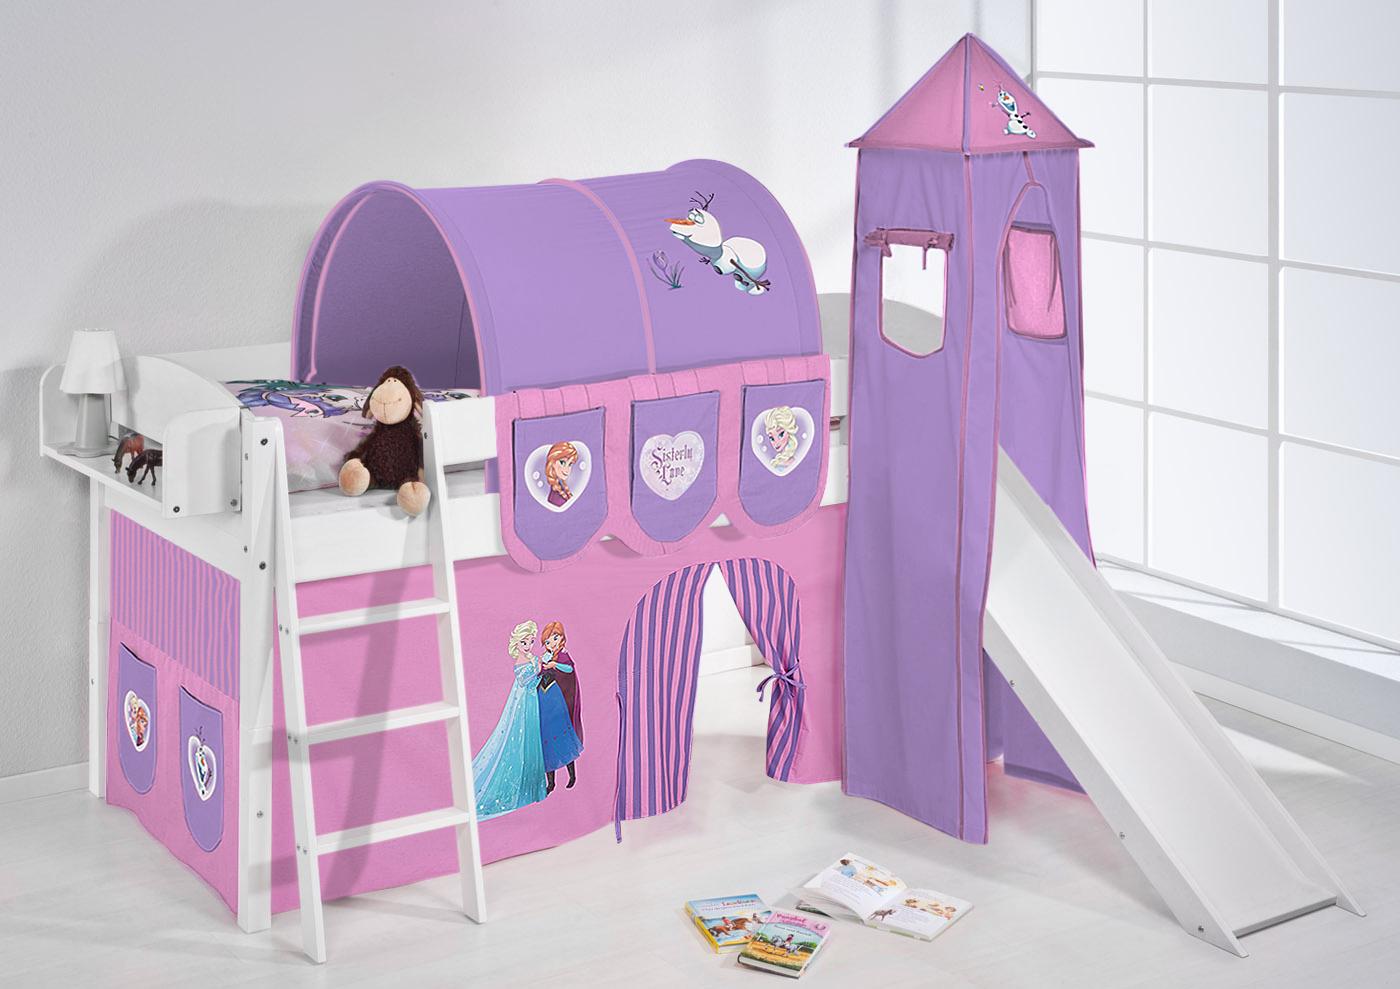 Juego de cama alta cama cuna ni os cama con torre y tobog n 4105 ebay - Juego de cama para cuna ...